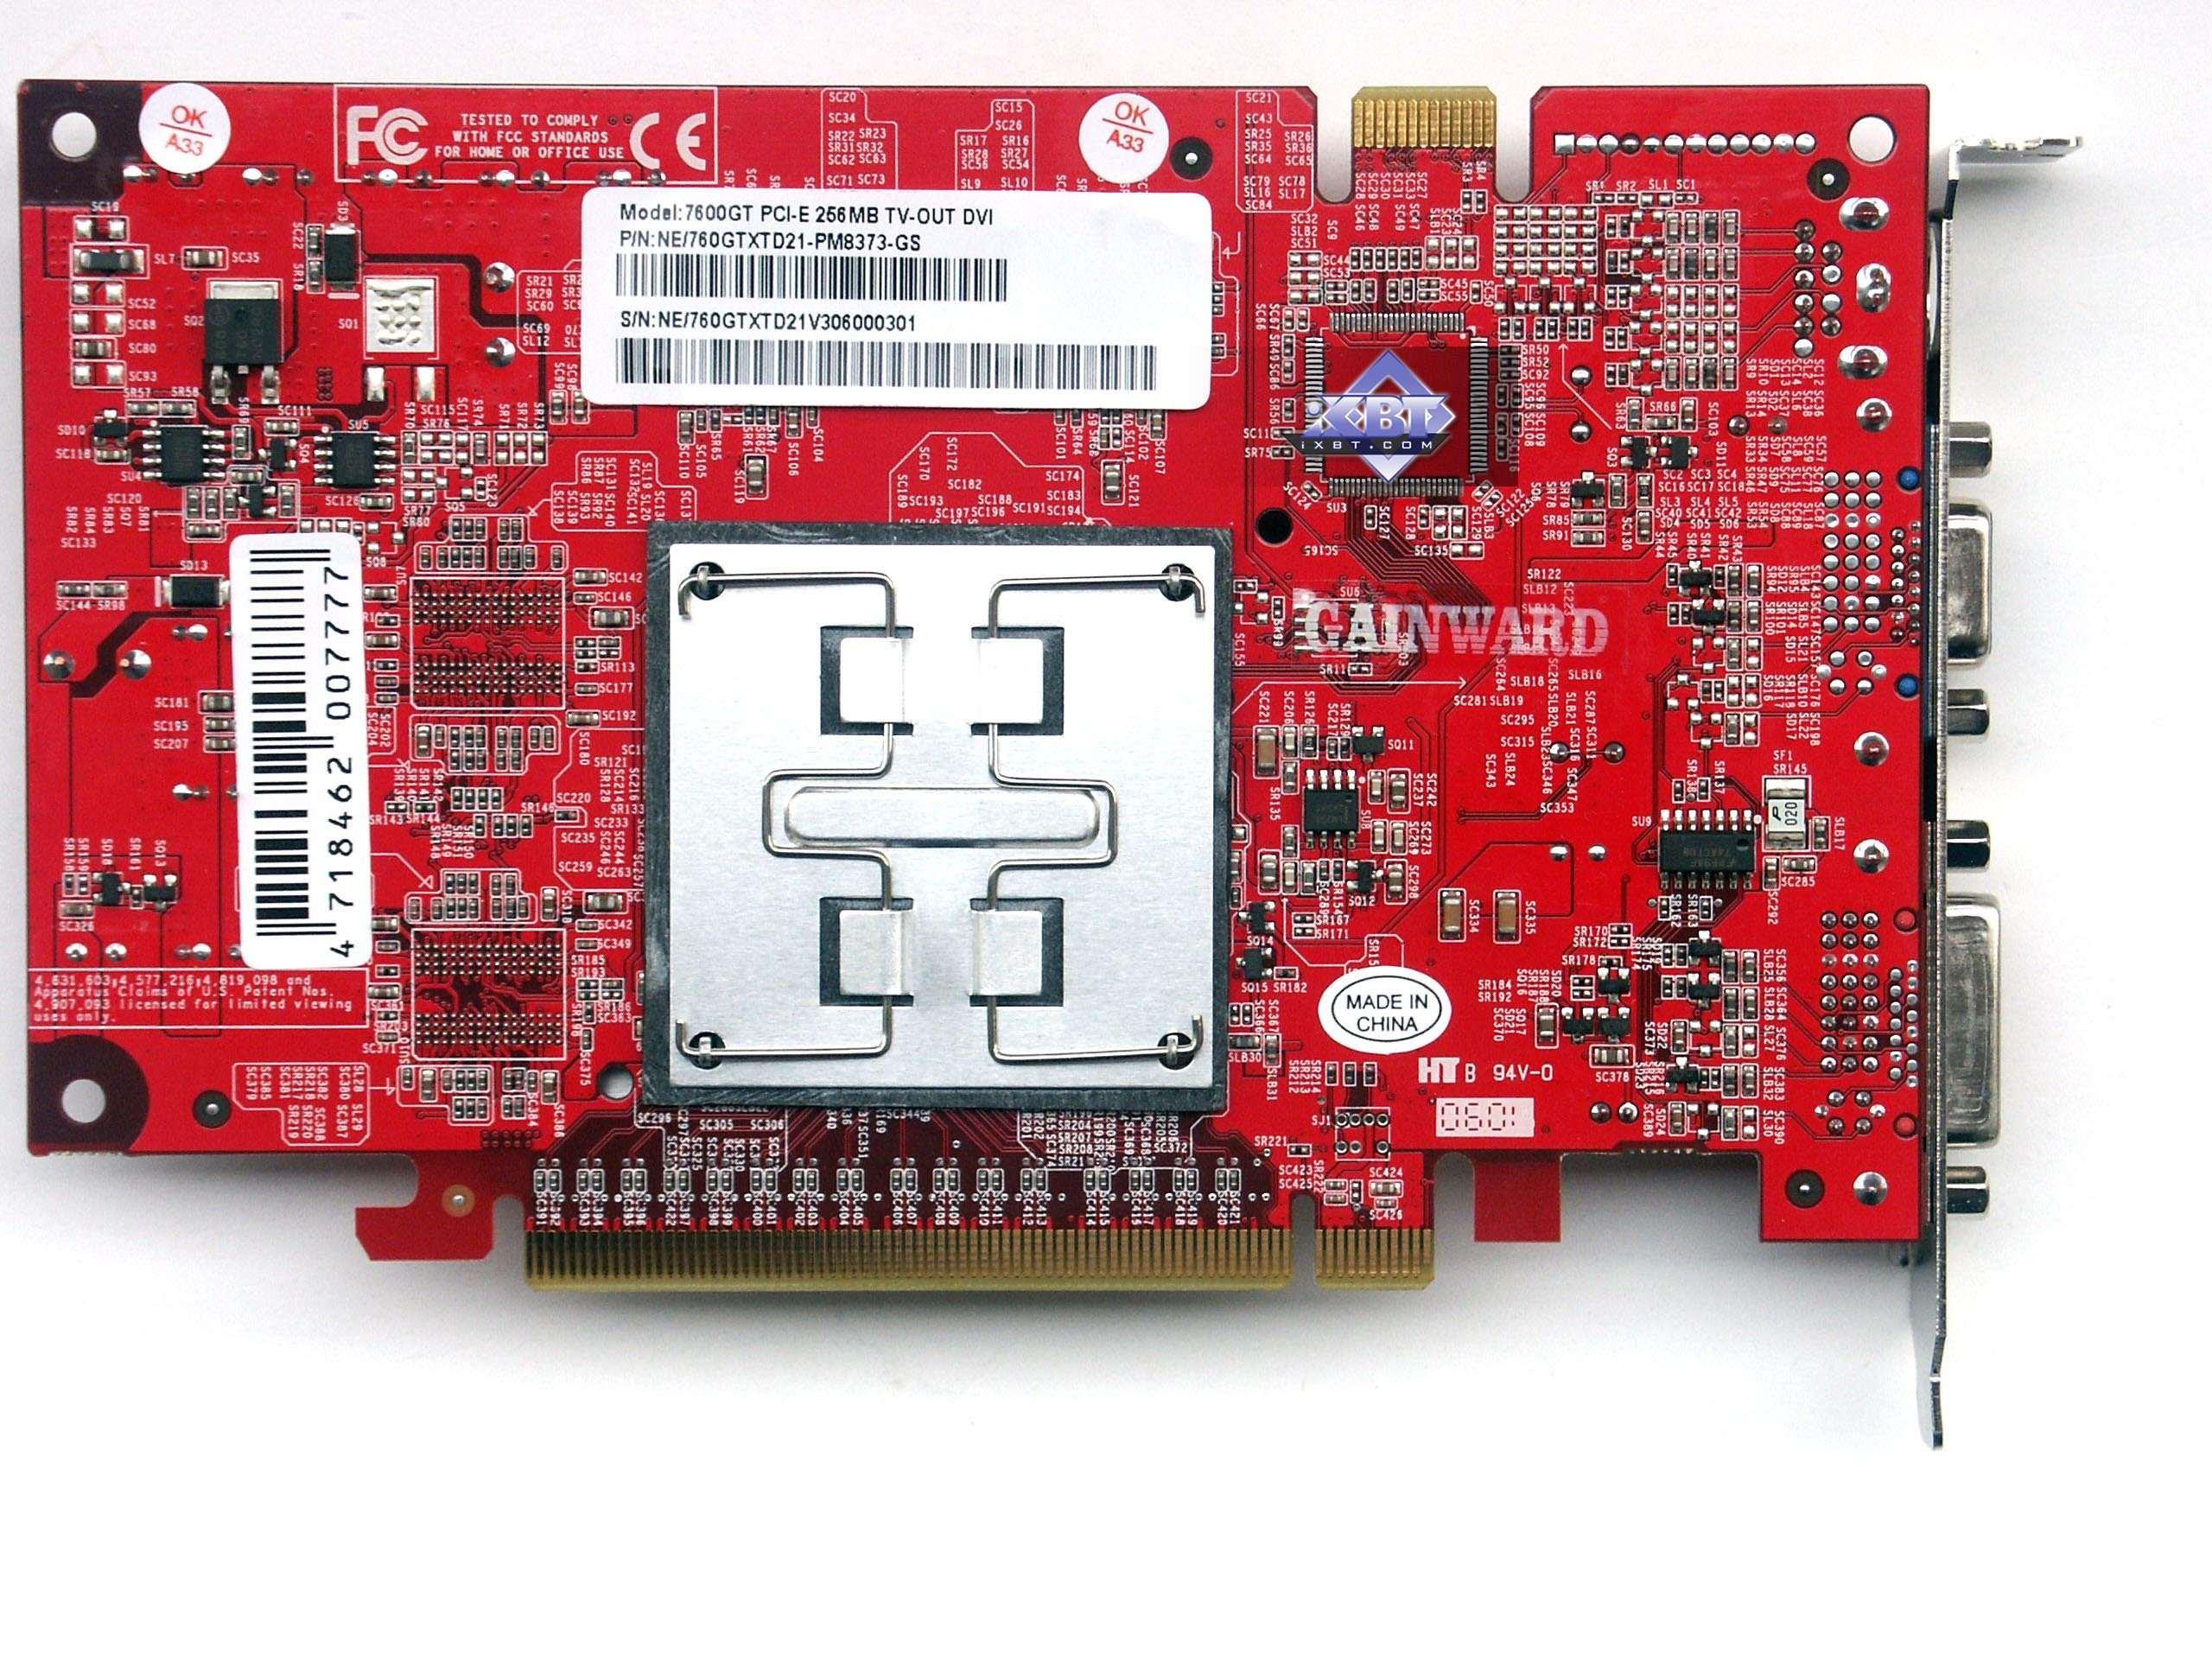 Geforce 7600 gt драйвера скачать